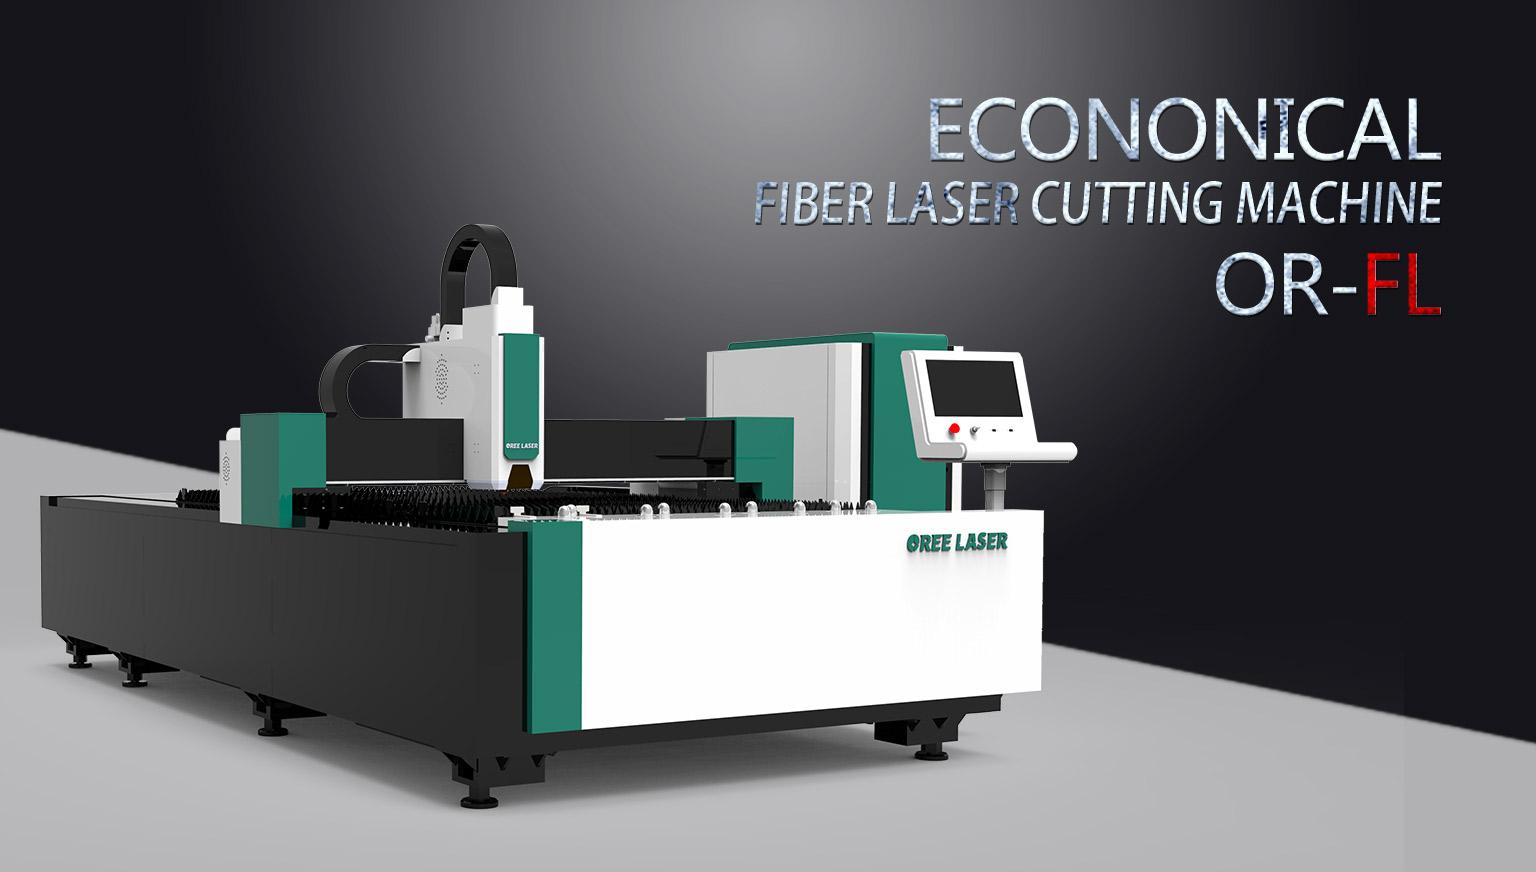 Econonical Fiber Laser Cutting Machine OR-FL